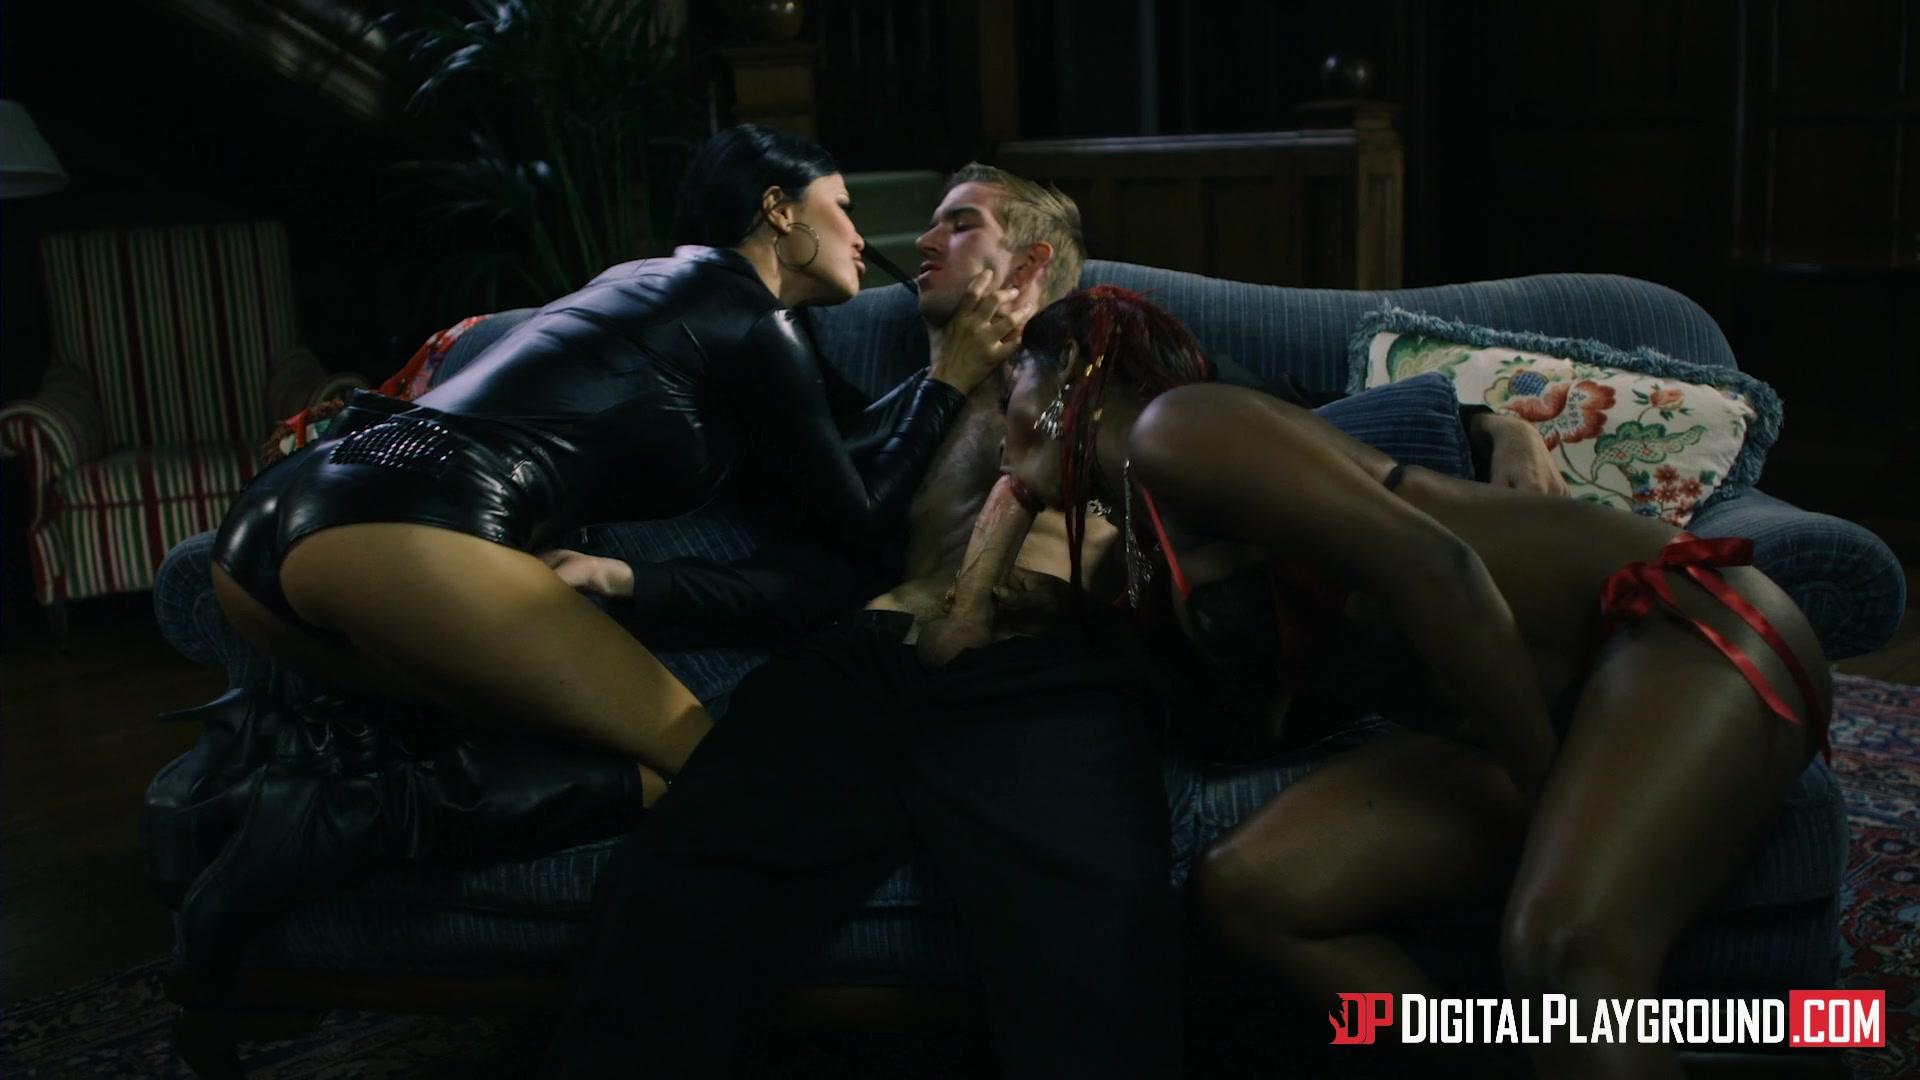 Digitalplayground blown away movie trailer - 3 part 6